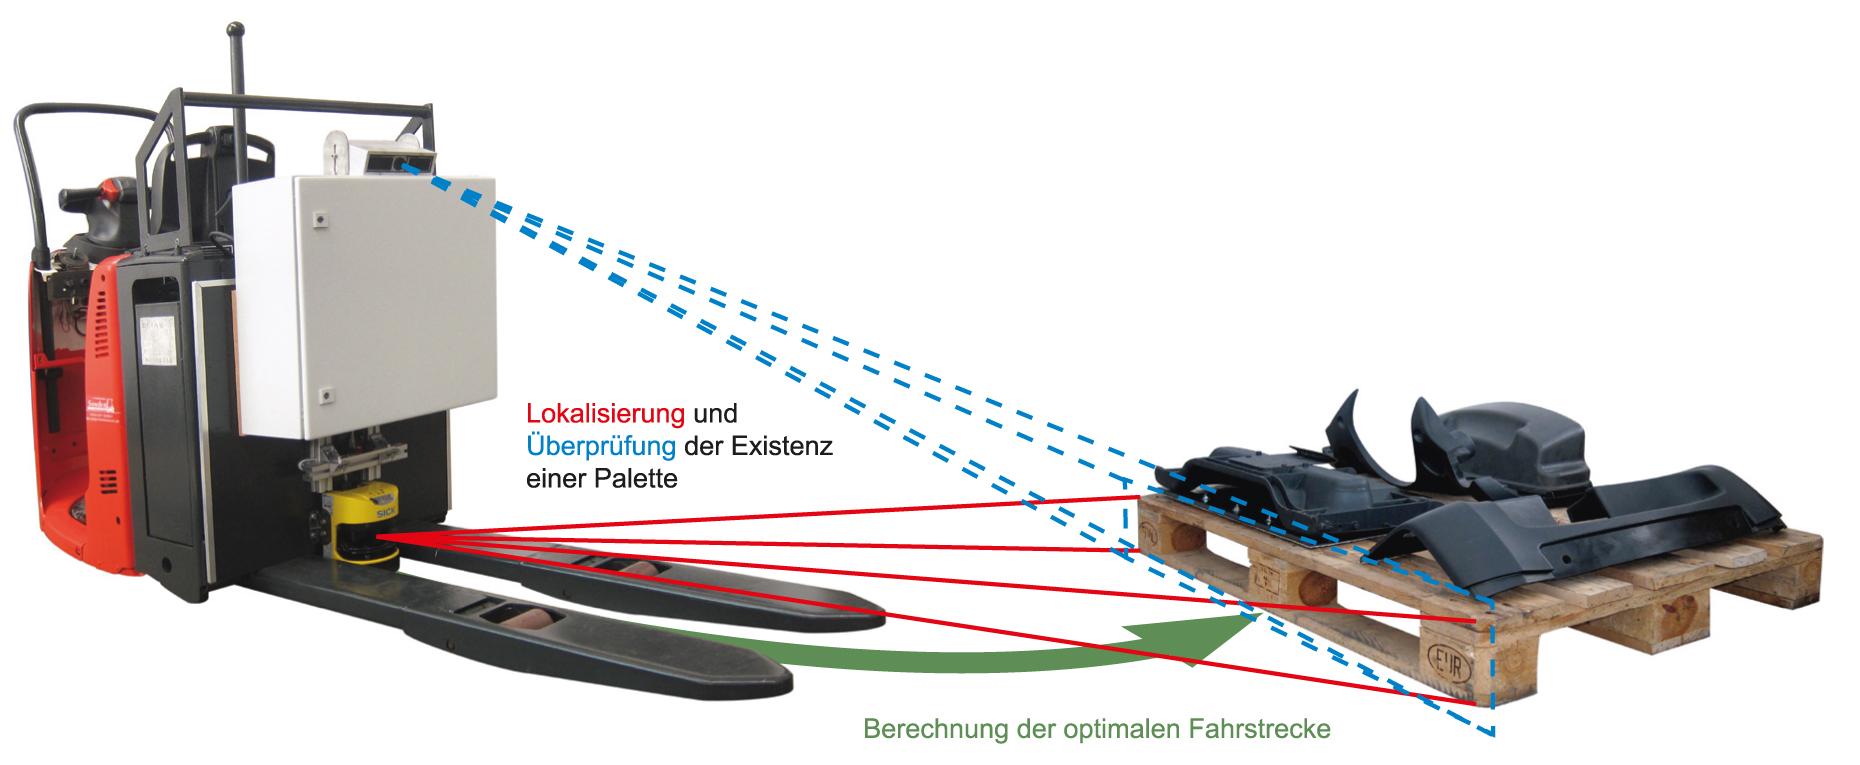 Gerade 2 Stücke Schwarz Schalter Für Fns Mig Mag Schweißen Gun Ruf Zuerst Schweißbrenner Schweißen & Löten Supplies